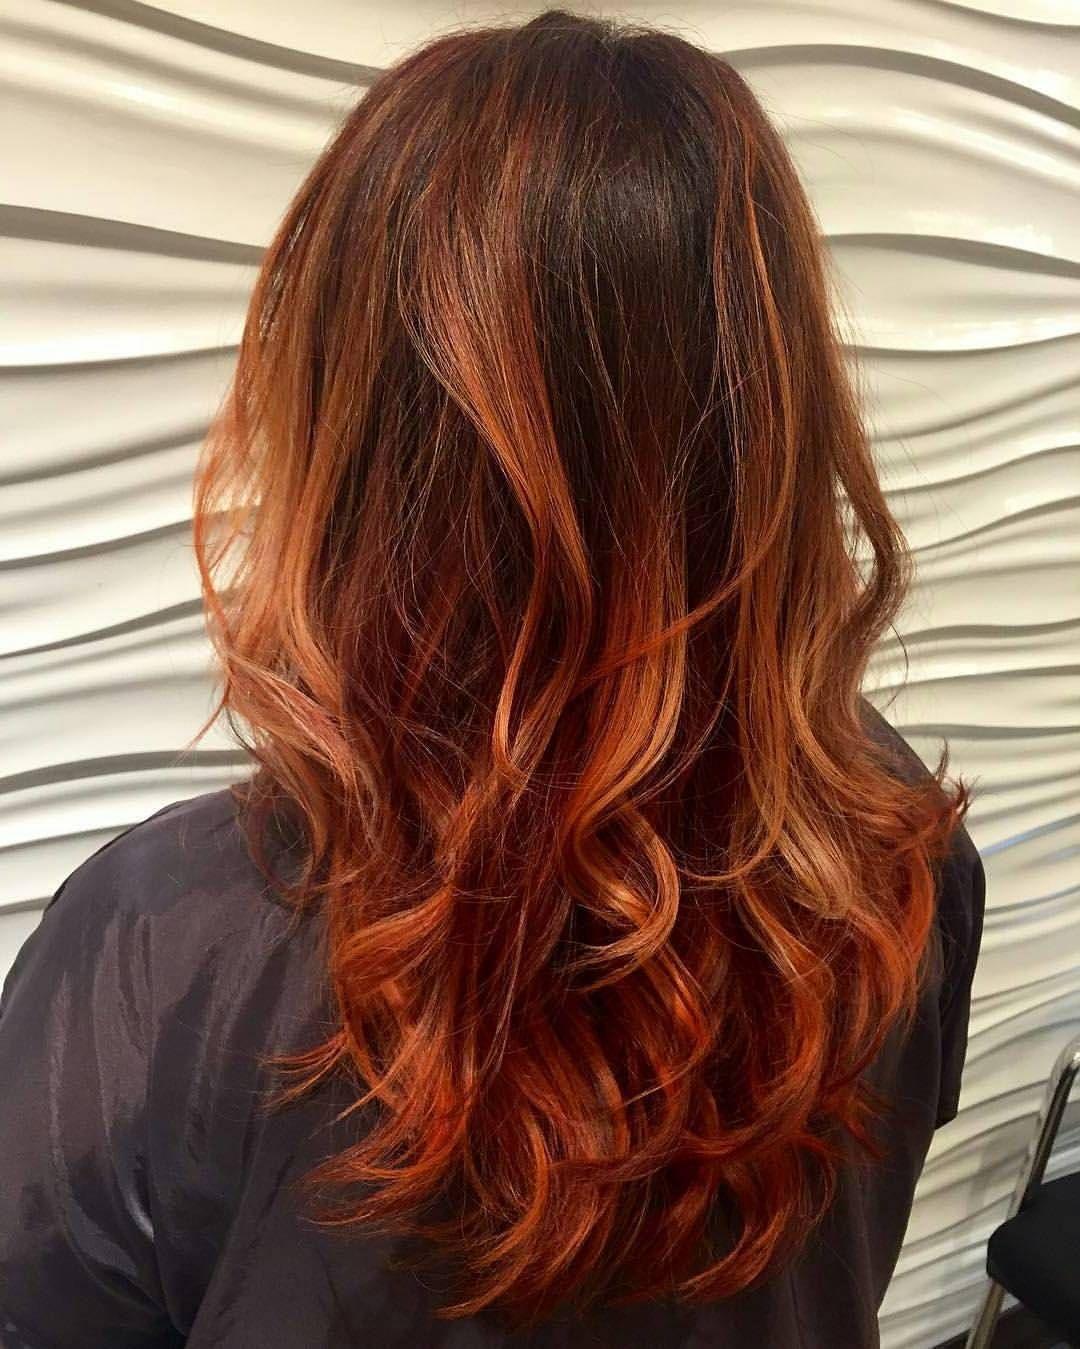 trend 2016 ist kupferbraun haarfarbe 36 frisuren hair haarfarbe kupfer braun kupferbraunes. Black Bedroom Furniture Sets. Home Design Ideas